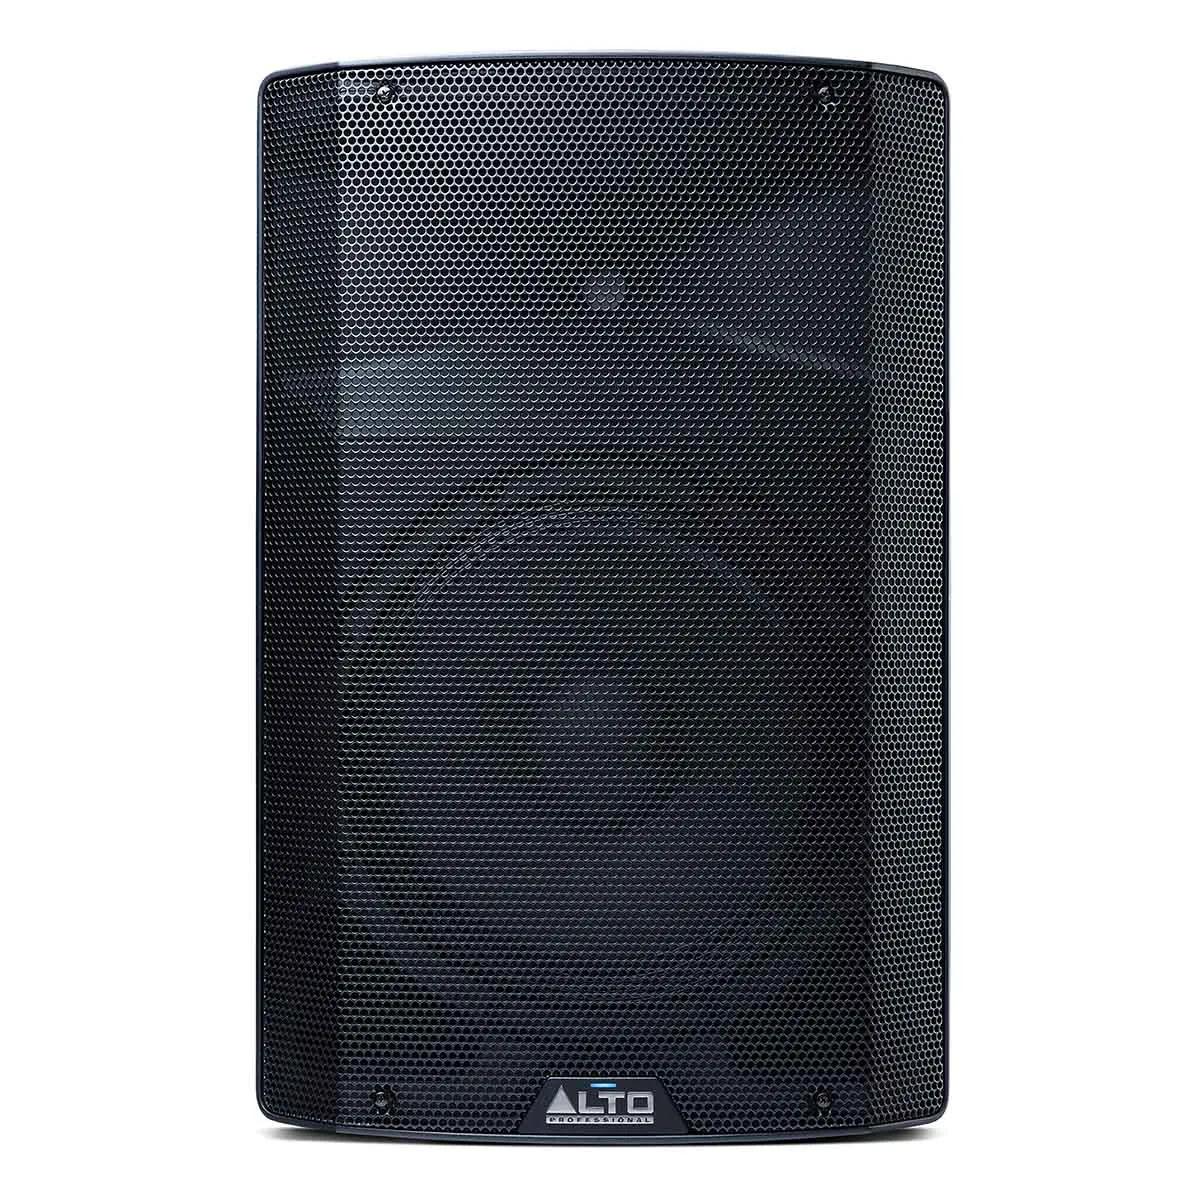 Caixa Acústica Ativa Alto Professional TX212 1x12 600W